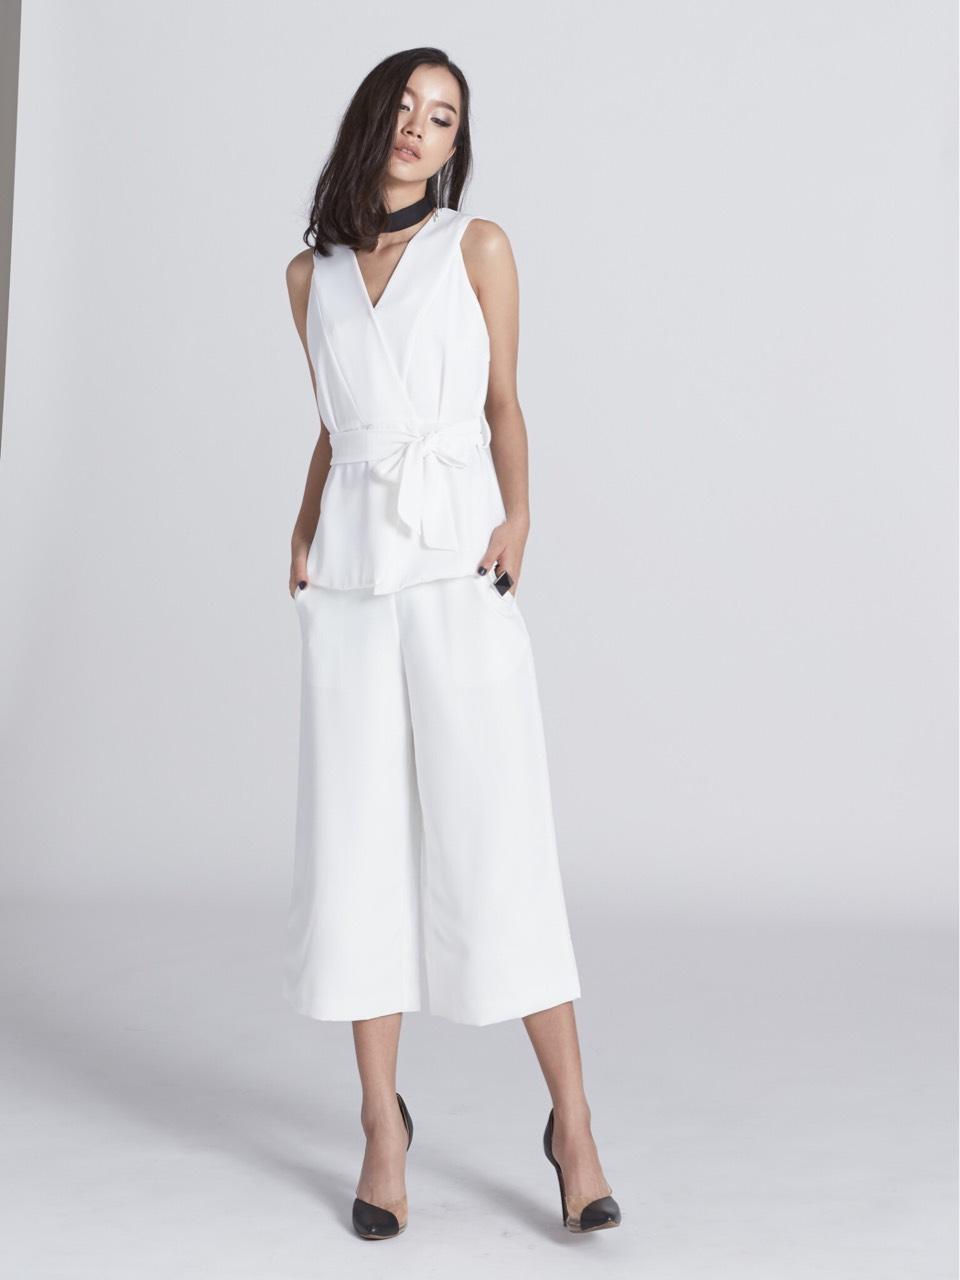 MoodandTone,ผู้หญิง,Women,กางเกงขายาว,กางเกงขายาวผู้หญิง,pants,กางเกงสีพื้น,กางเกงสีขาว,กางเกงสีชมพู